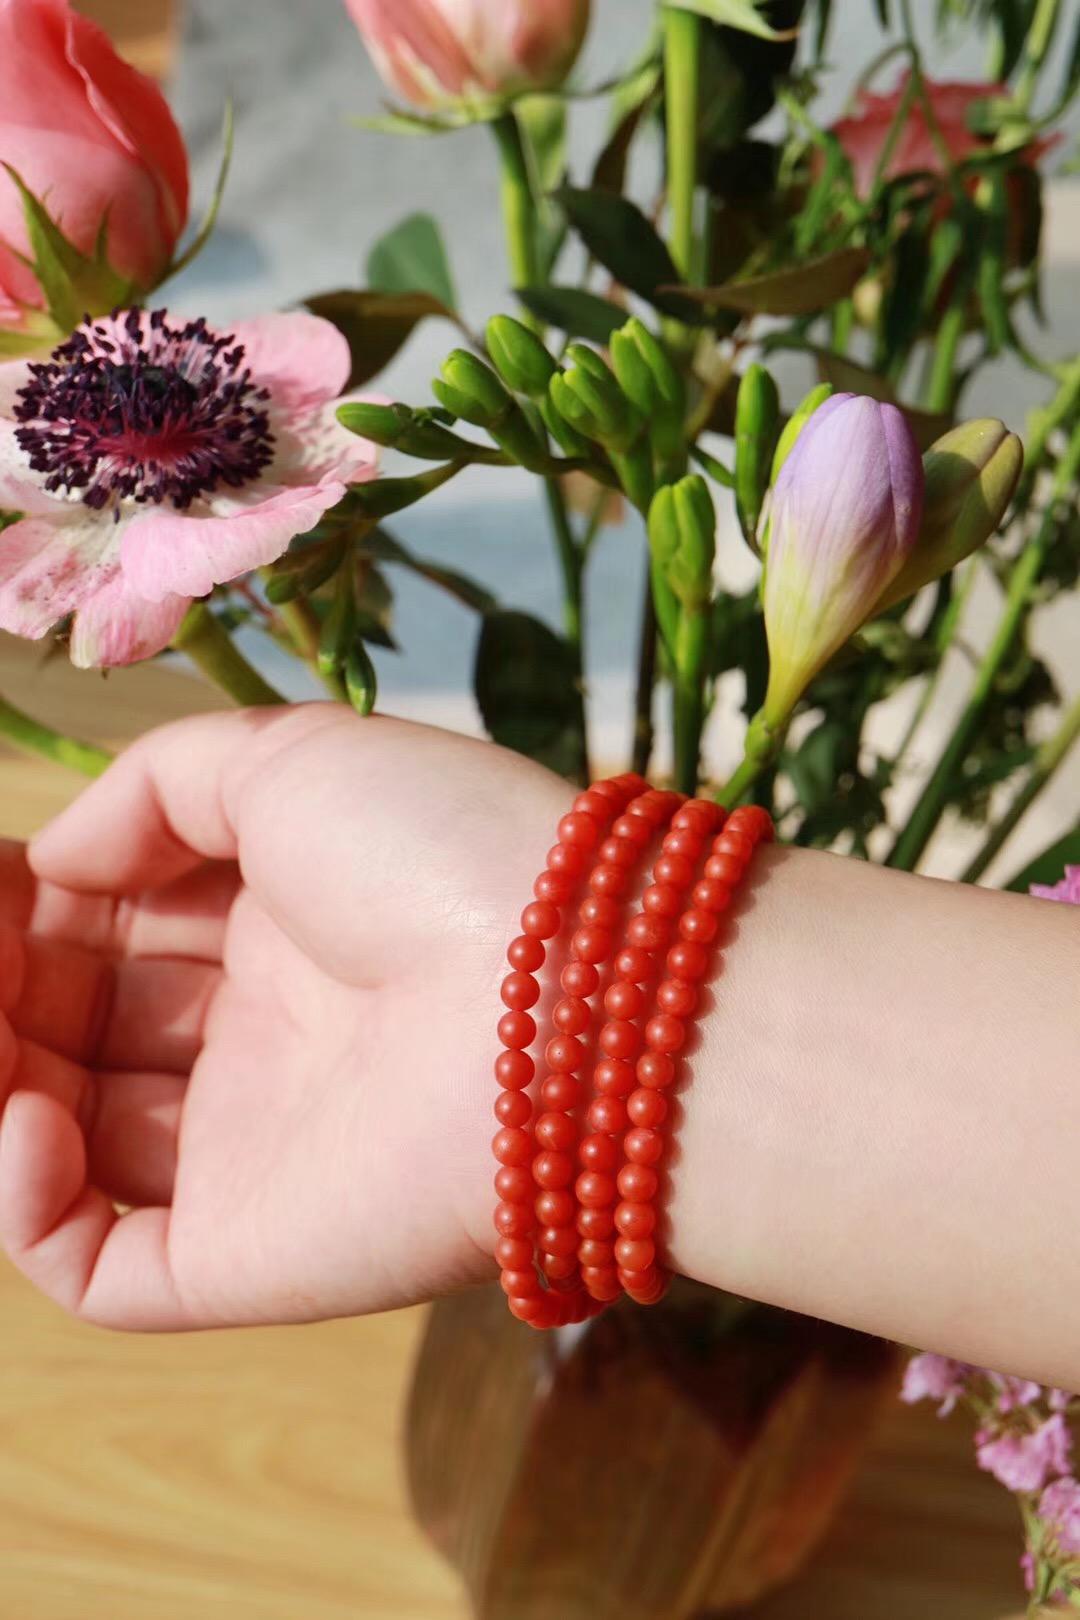 【菩心   保山南红玛瑙】南红颜色红润有光泽,油润性也是十分好-菩心晶舍